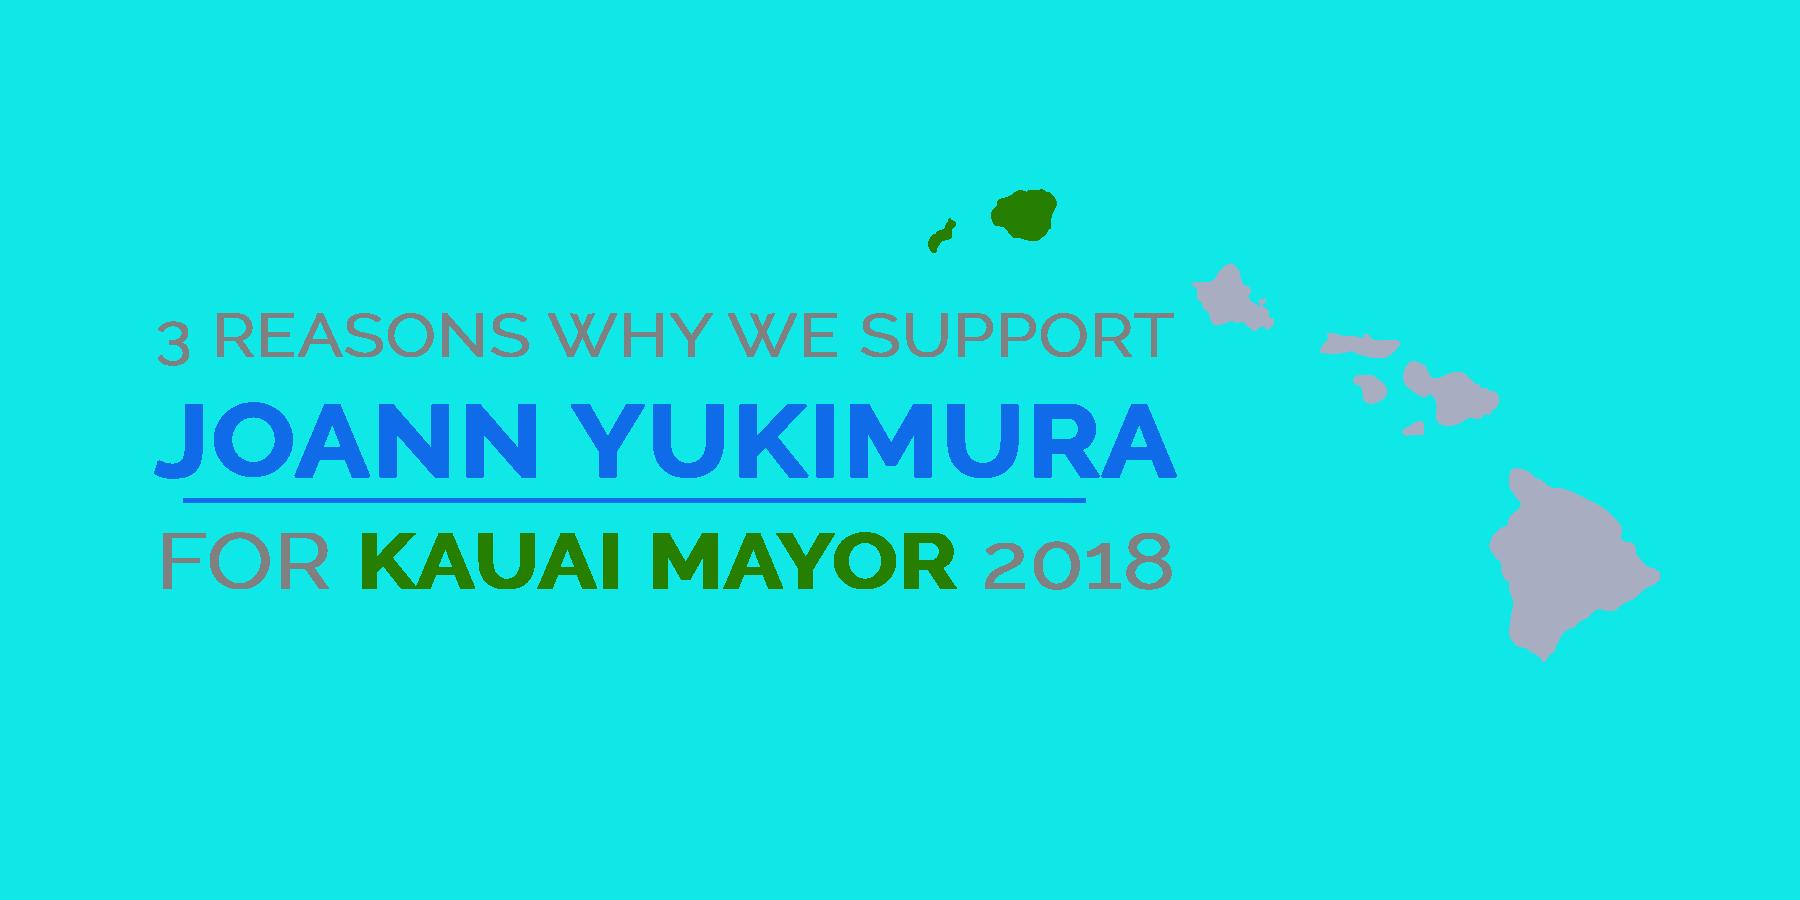 3 Reasons Why We Support JoAnn Yukimura For Mayor Of Kauai 2018